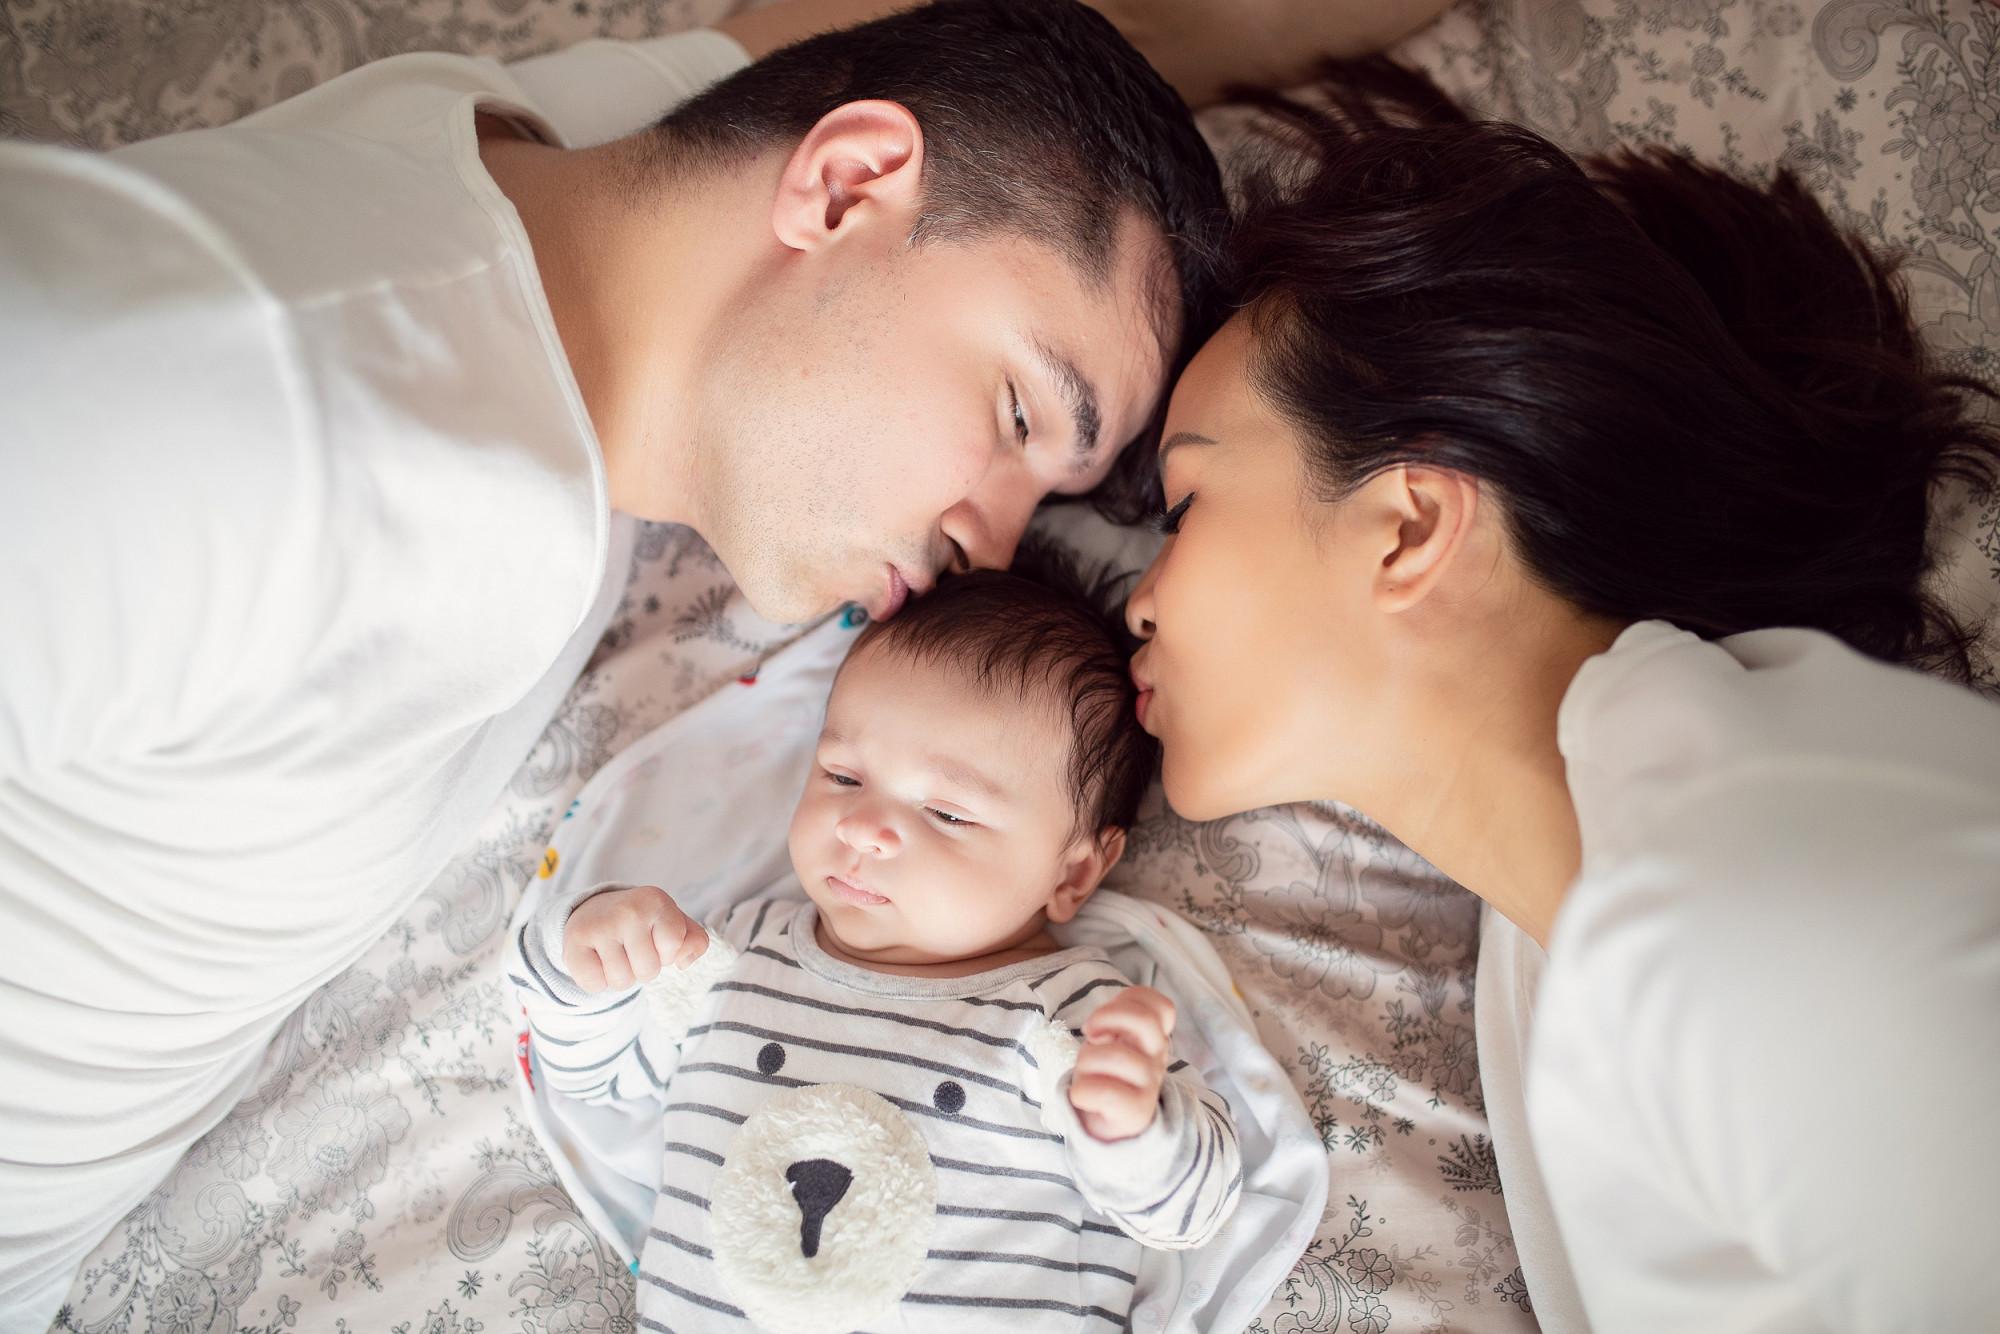 Con cái là chiếc cầu nối cho hạnh phúc gia đình?